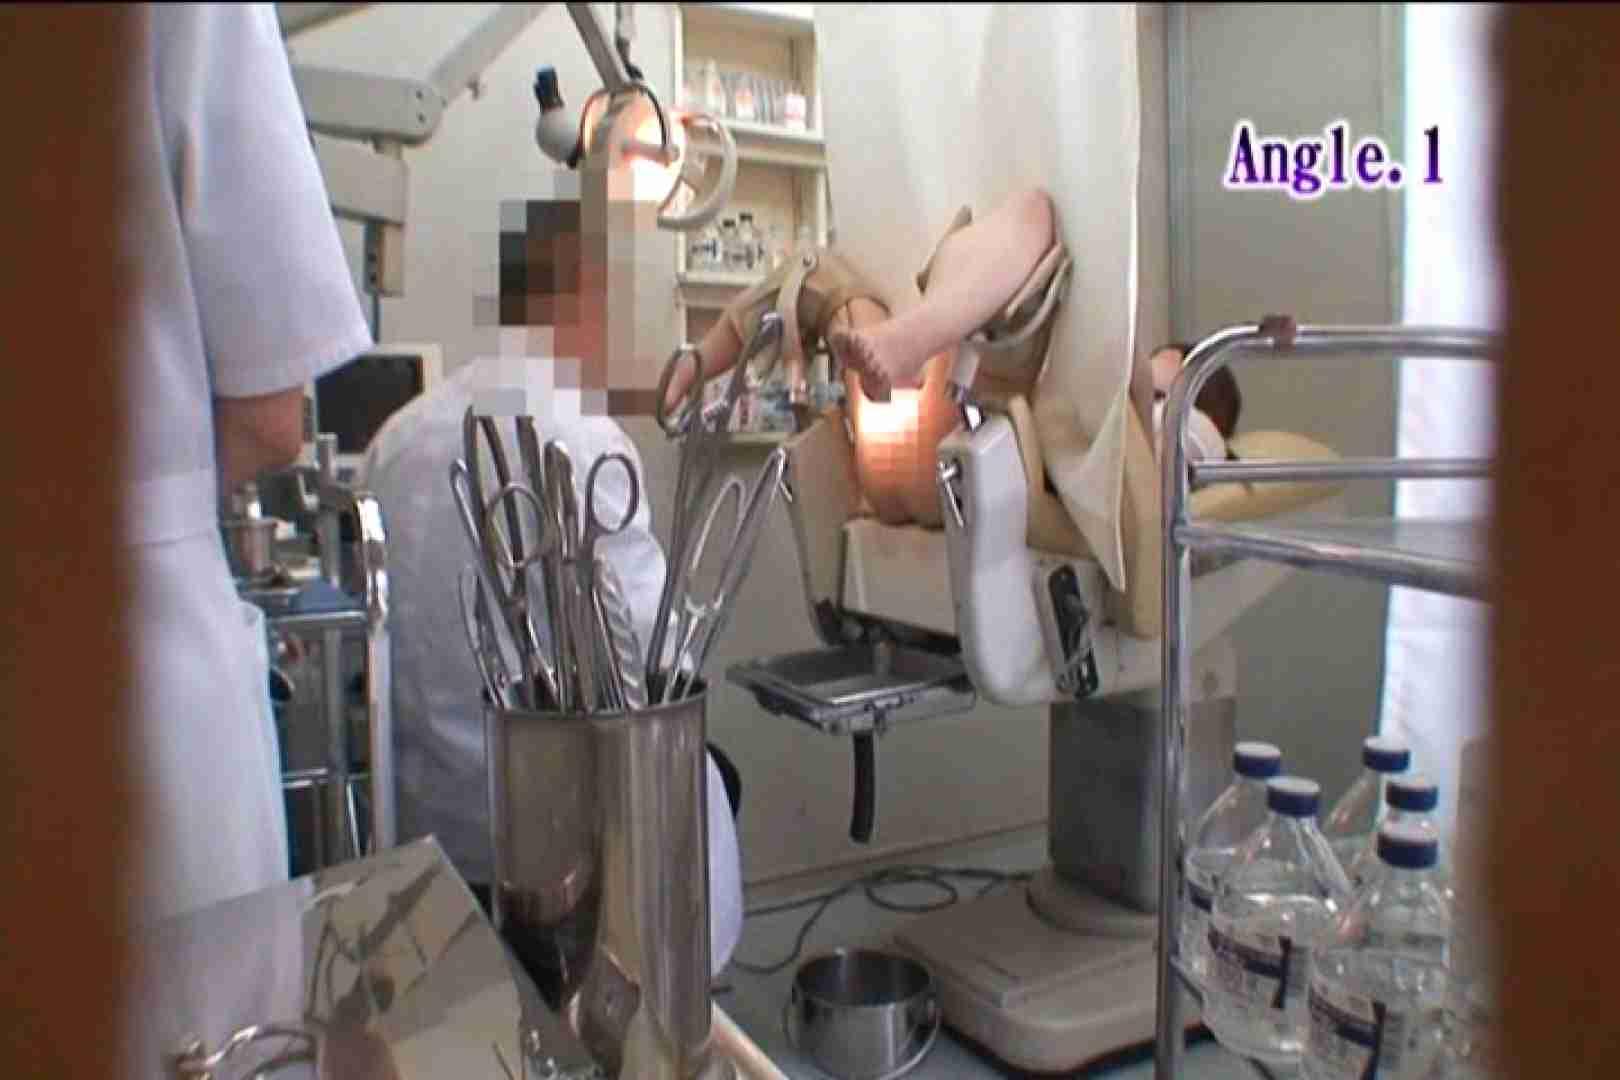 患者のおまんこをコレクションする変態医師の流出映像Vol.1 ワルノリ  55枚 27